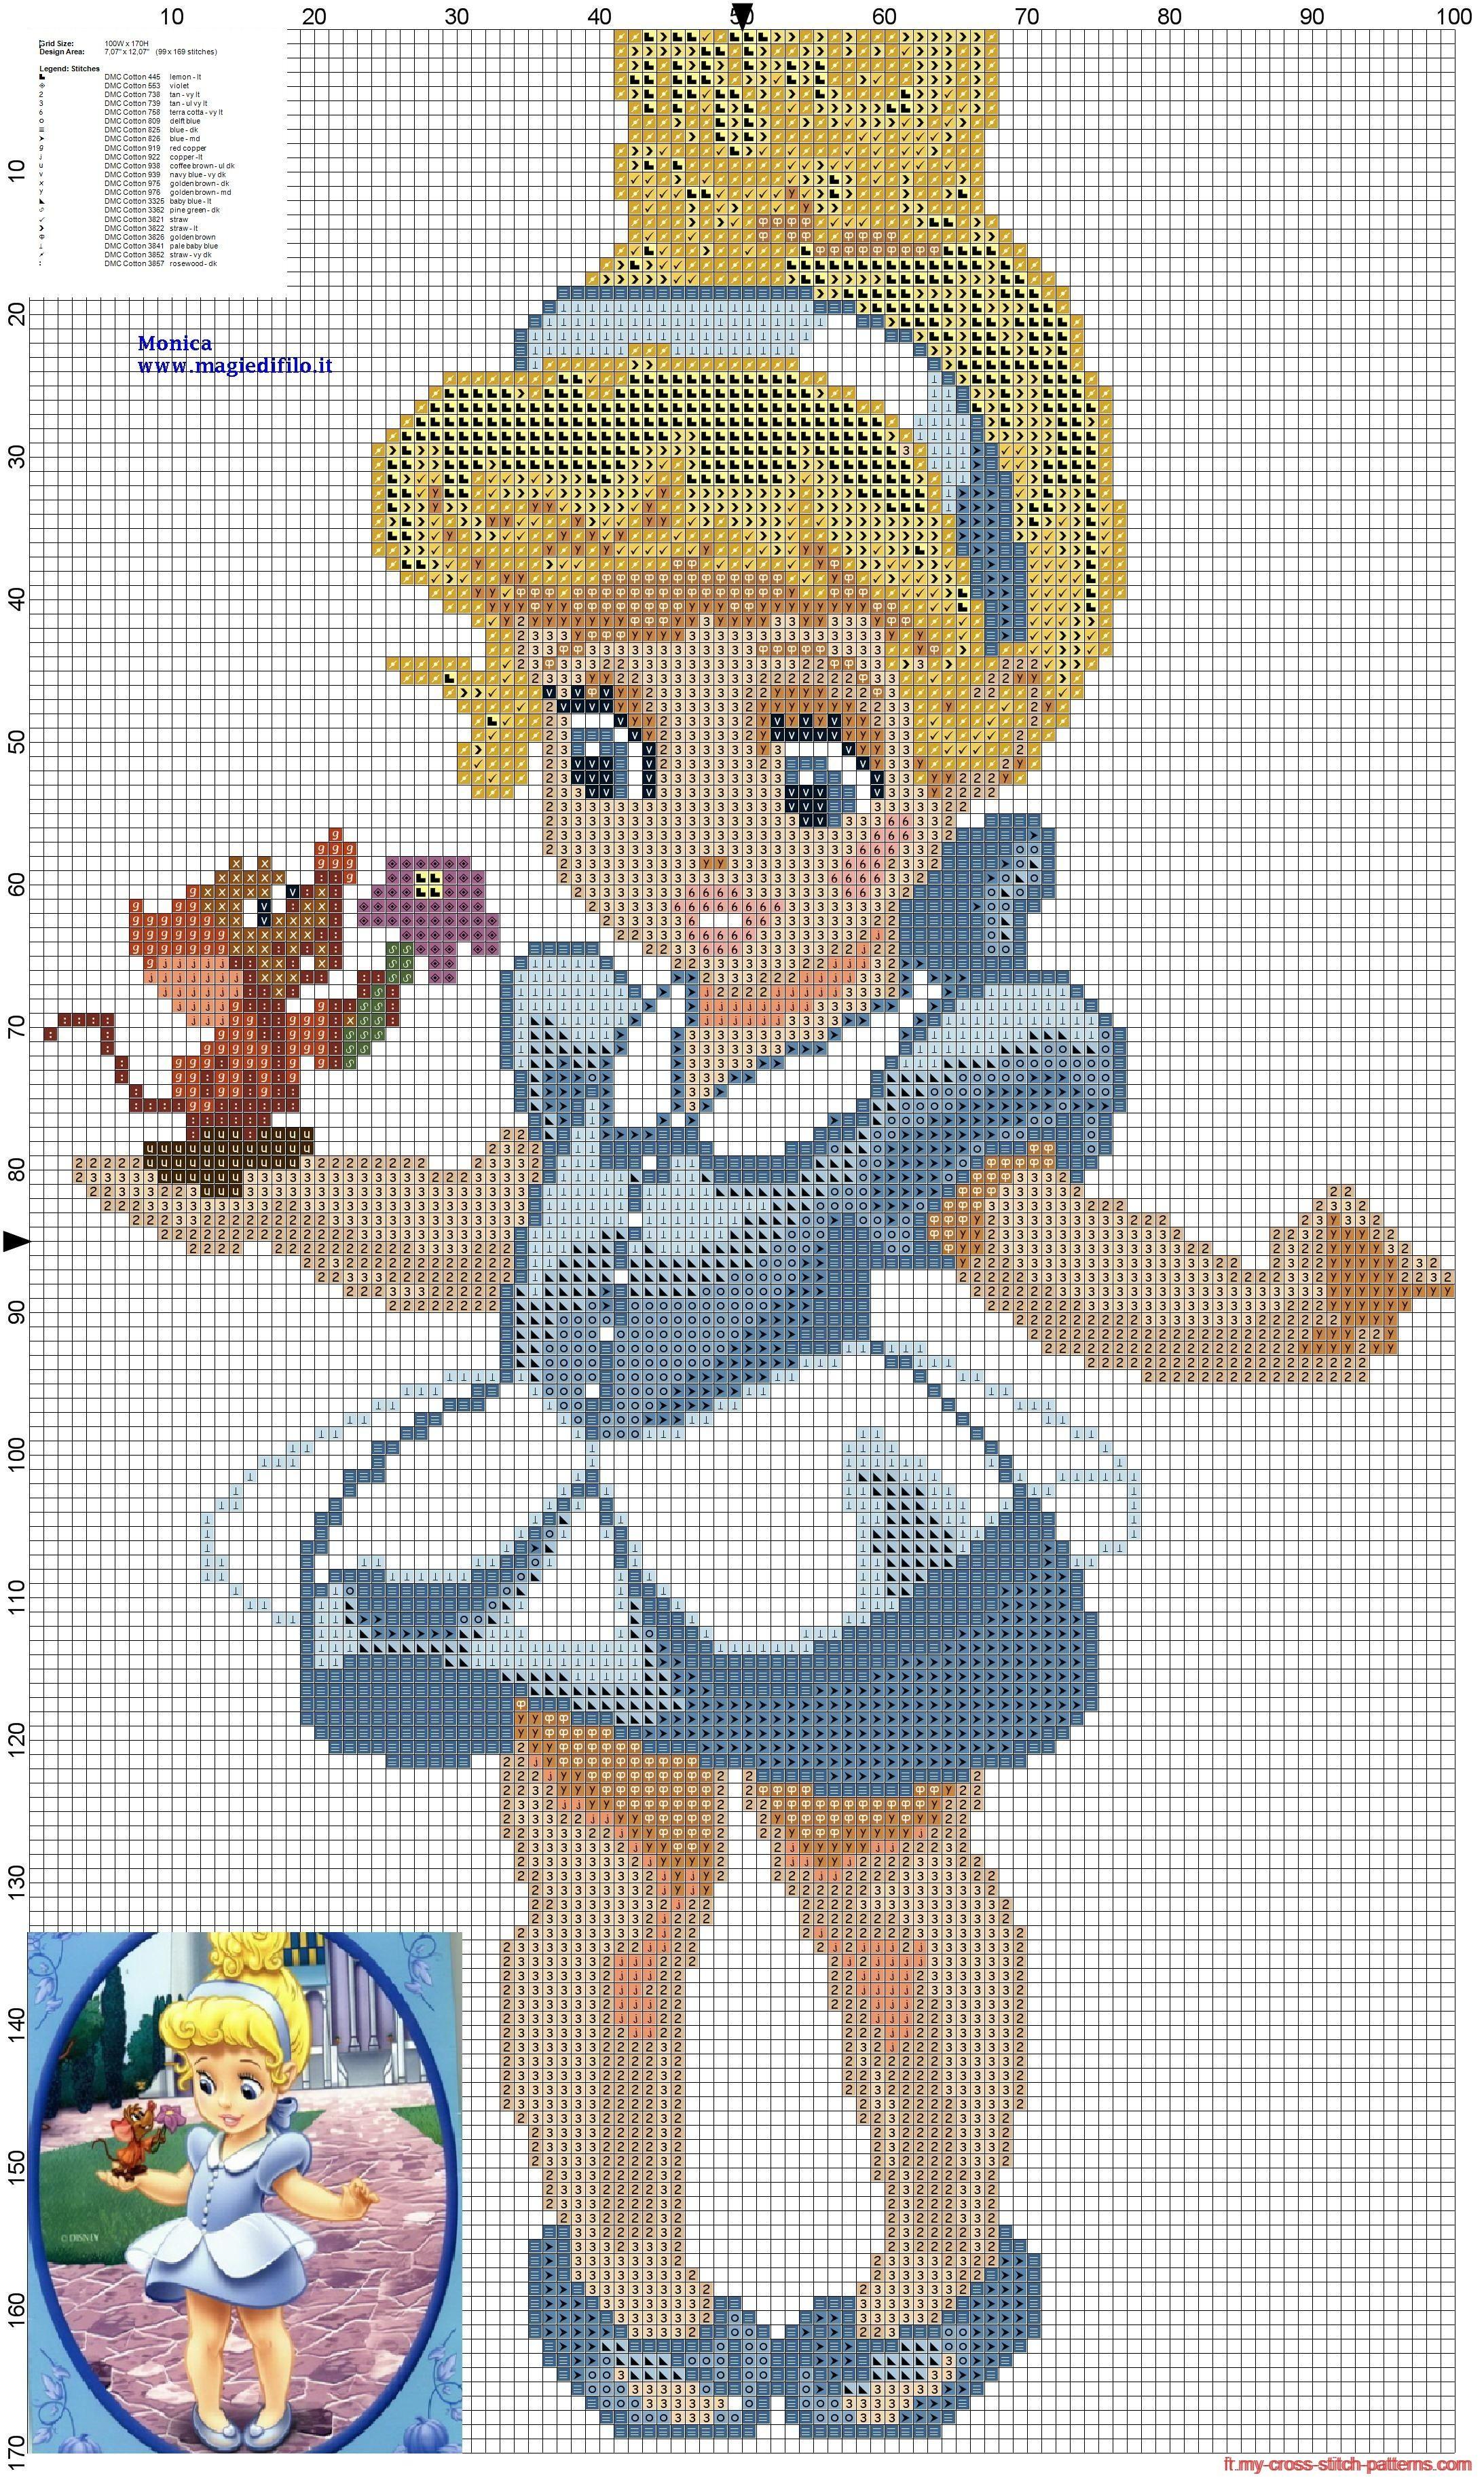 Petite princesse cendrillon grille point de croix 2186x3656 3726057 pixel art cr ations - Petite princesse disney ...